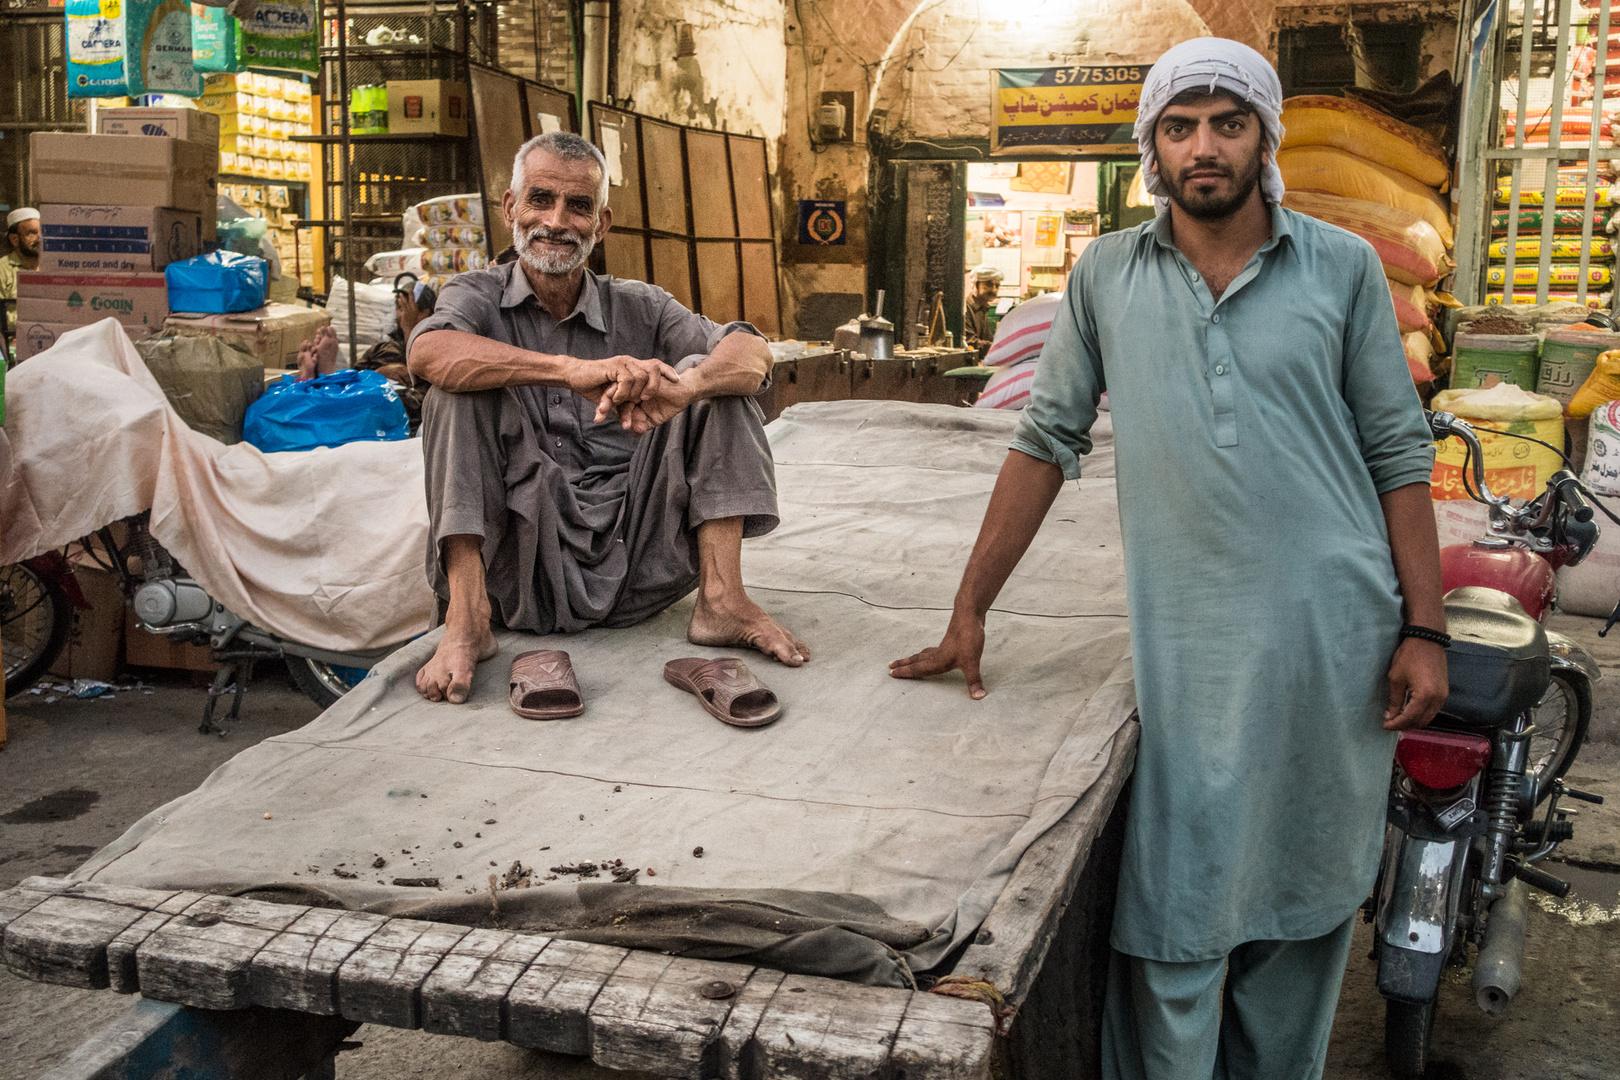 Porträts aus Pakistan: Zwei Händler im Basar von Rawalpindi